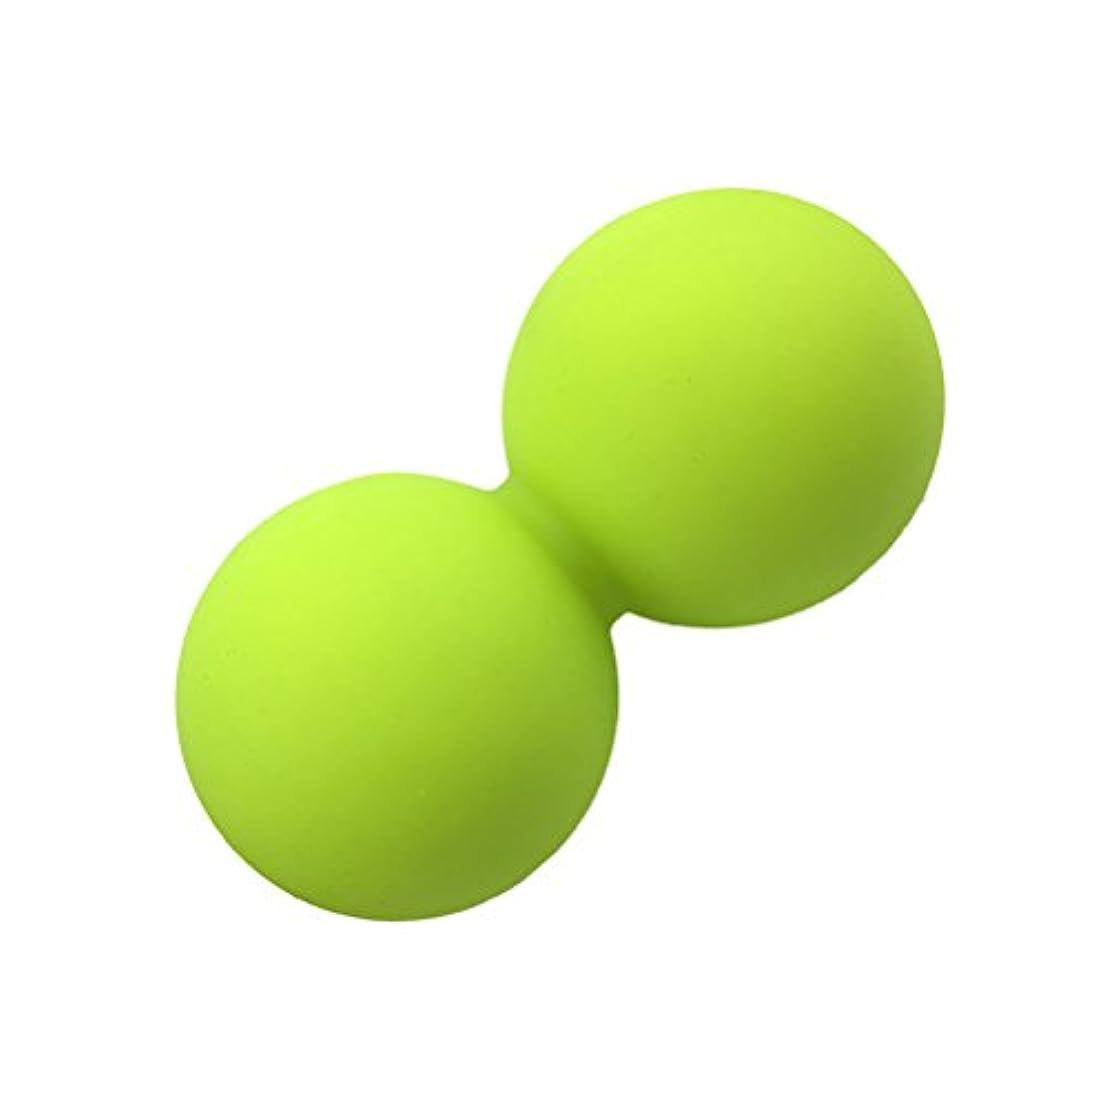 拘束する開梱オークROSENICE ピーナッツマッサージボールヨガマッサージボールマッサージボールローラー(ブリリアントグリーン)